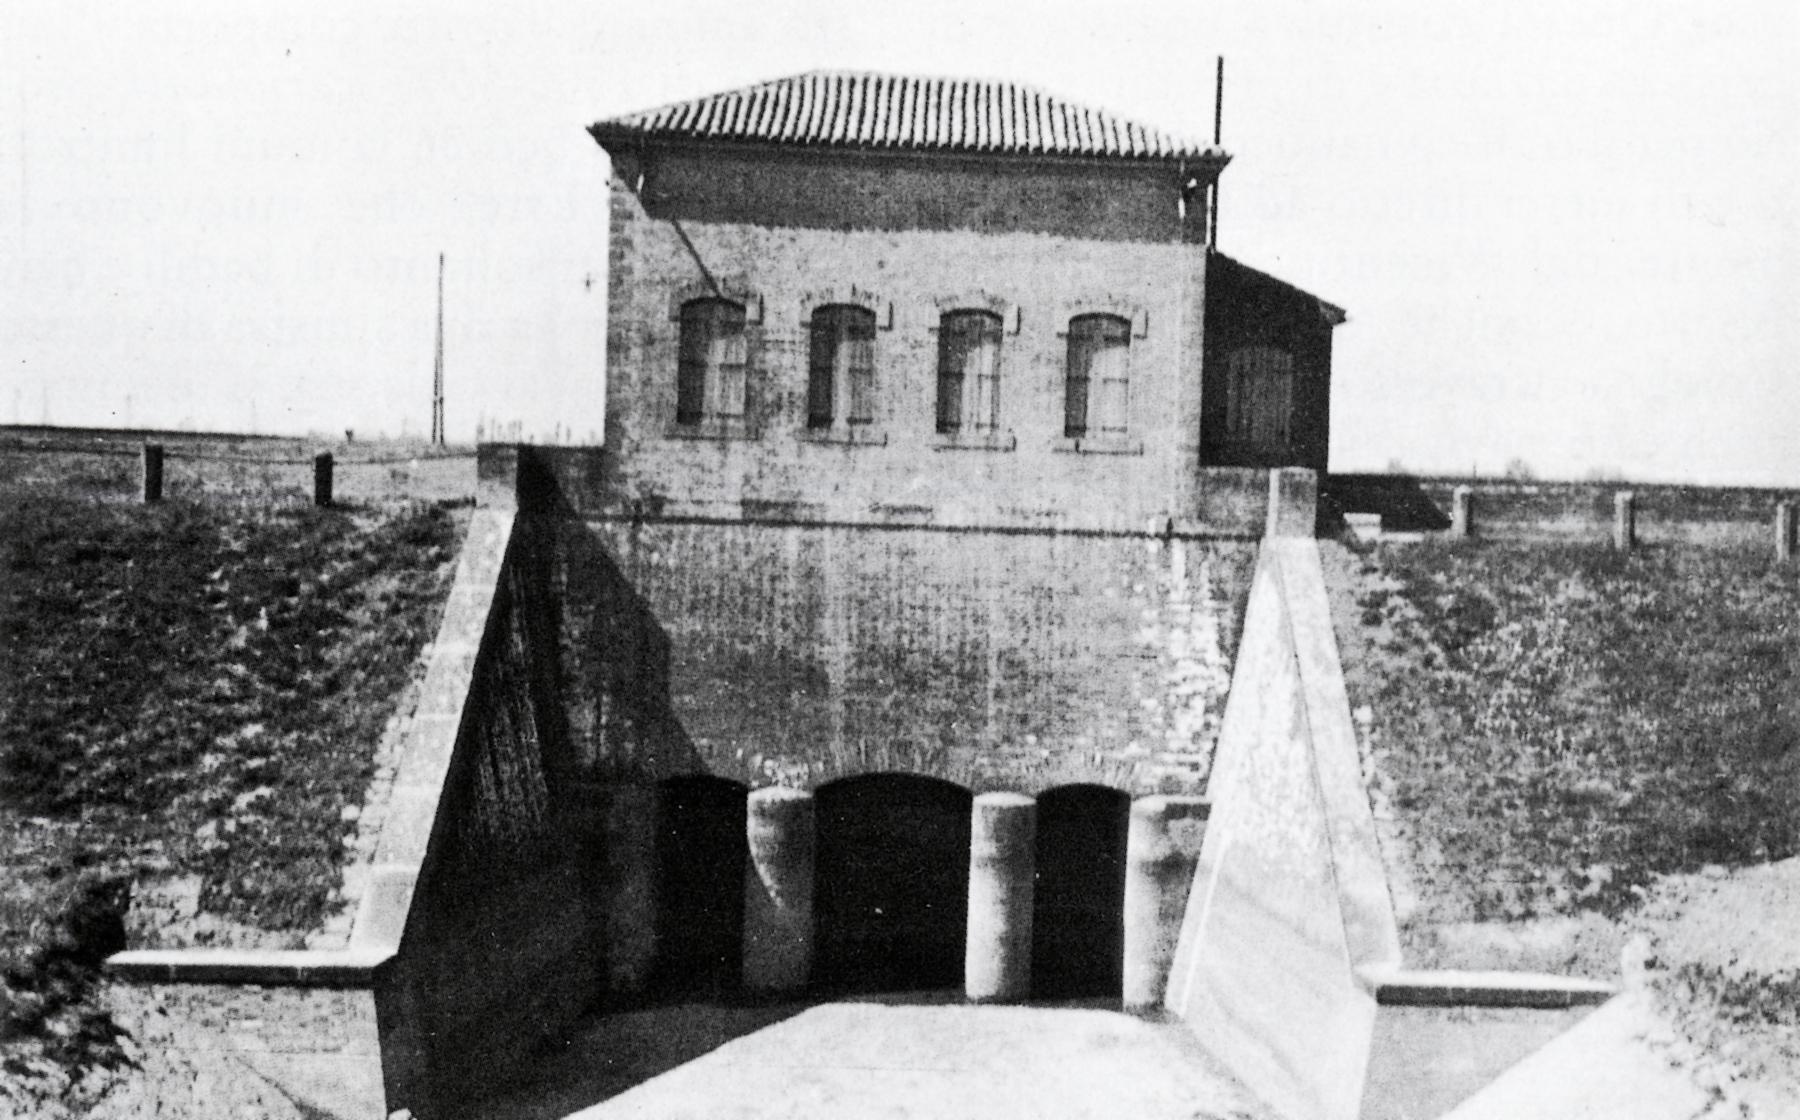 Il sostegno Brancaglia ad Este visto dal canale Bisatto in una foto del 1938.